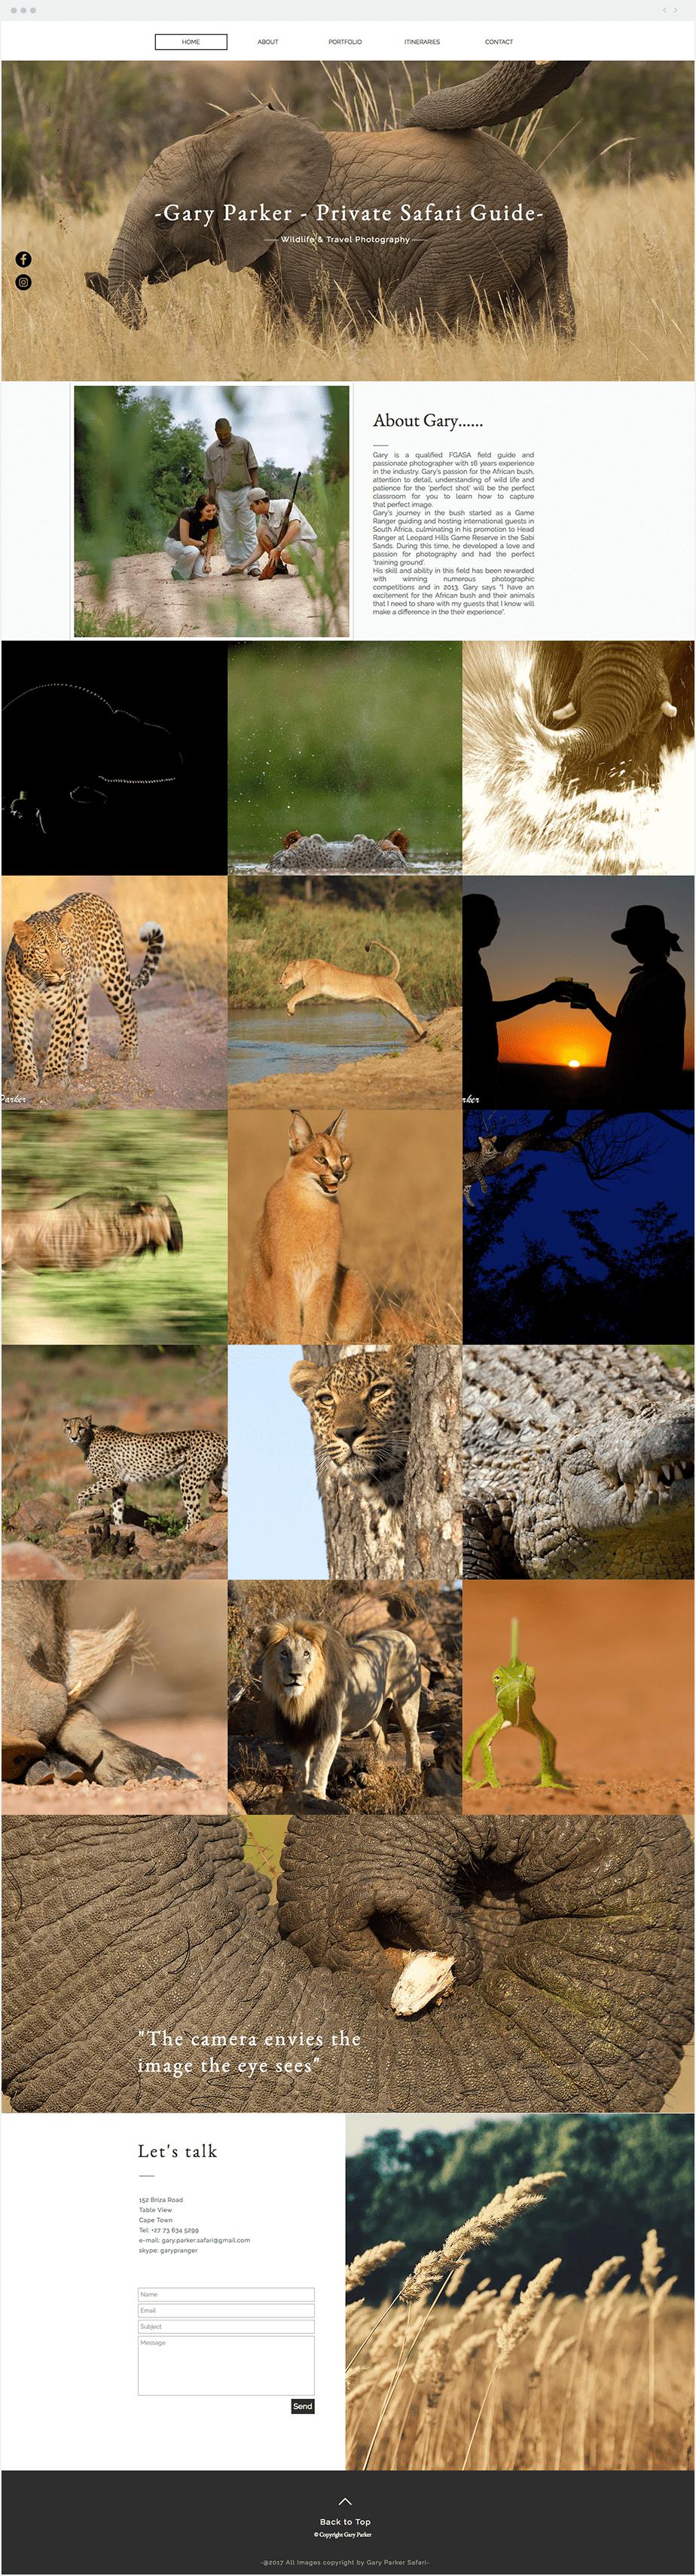 Gary Parker - Private Safari Guide